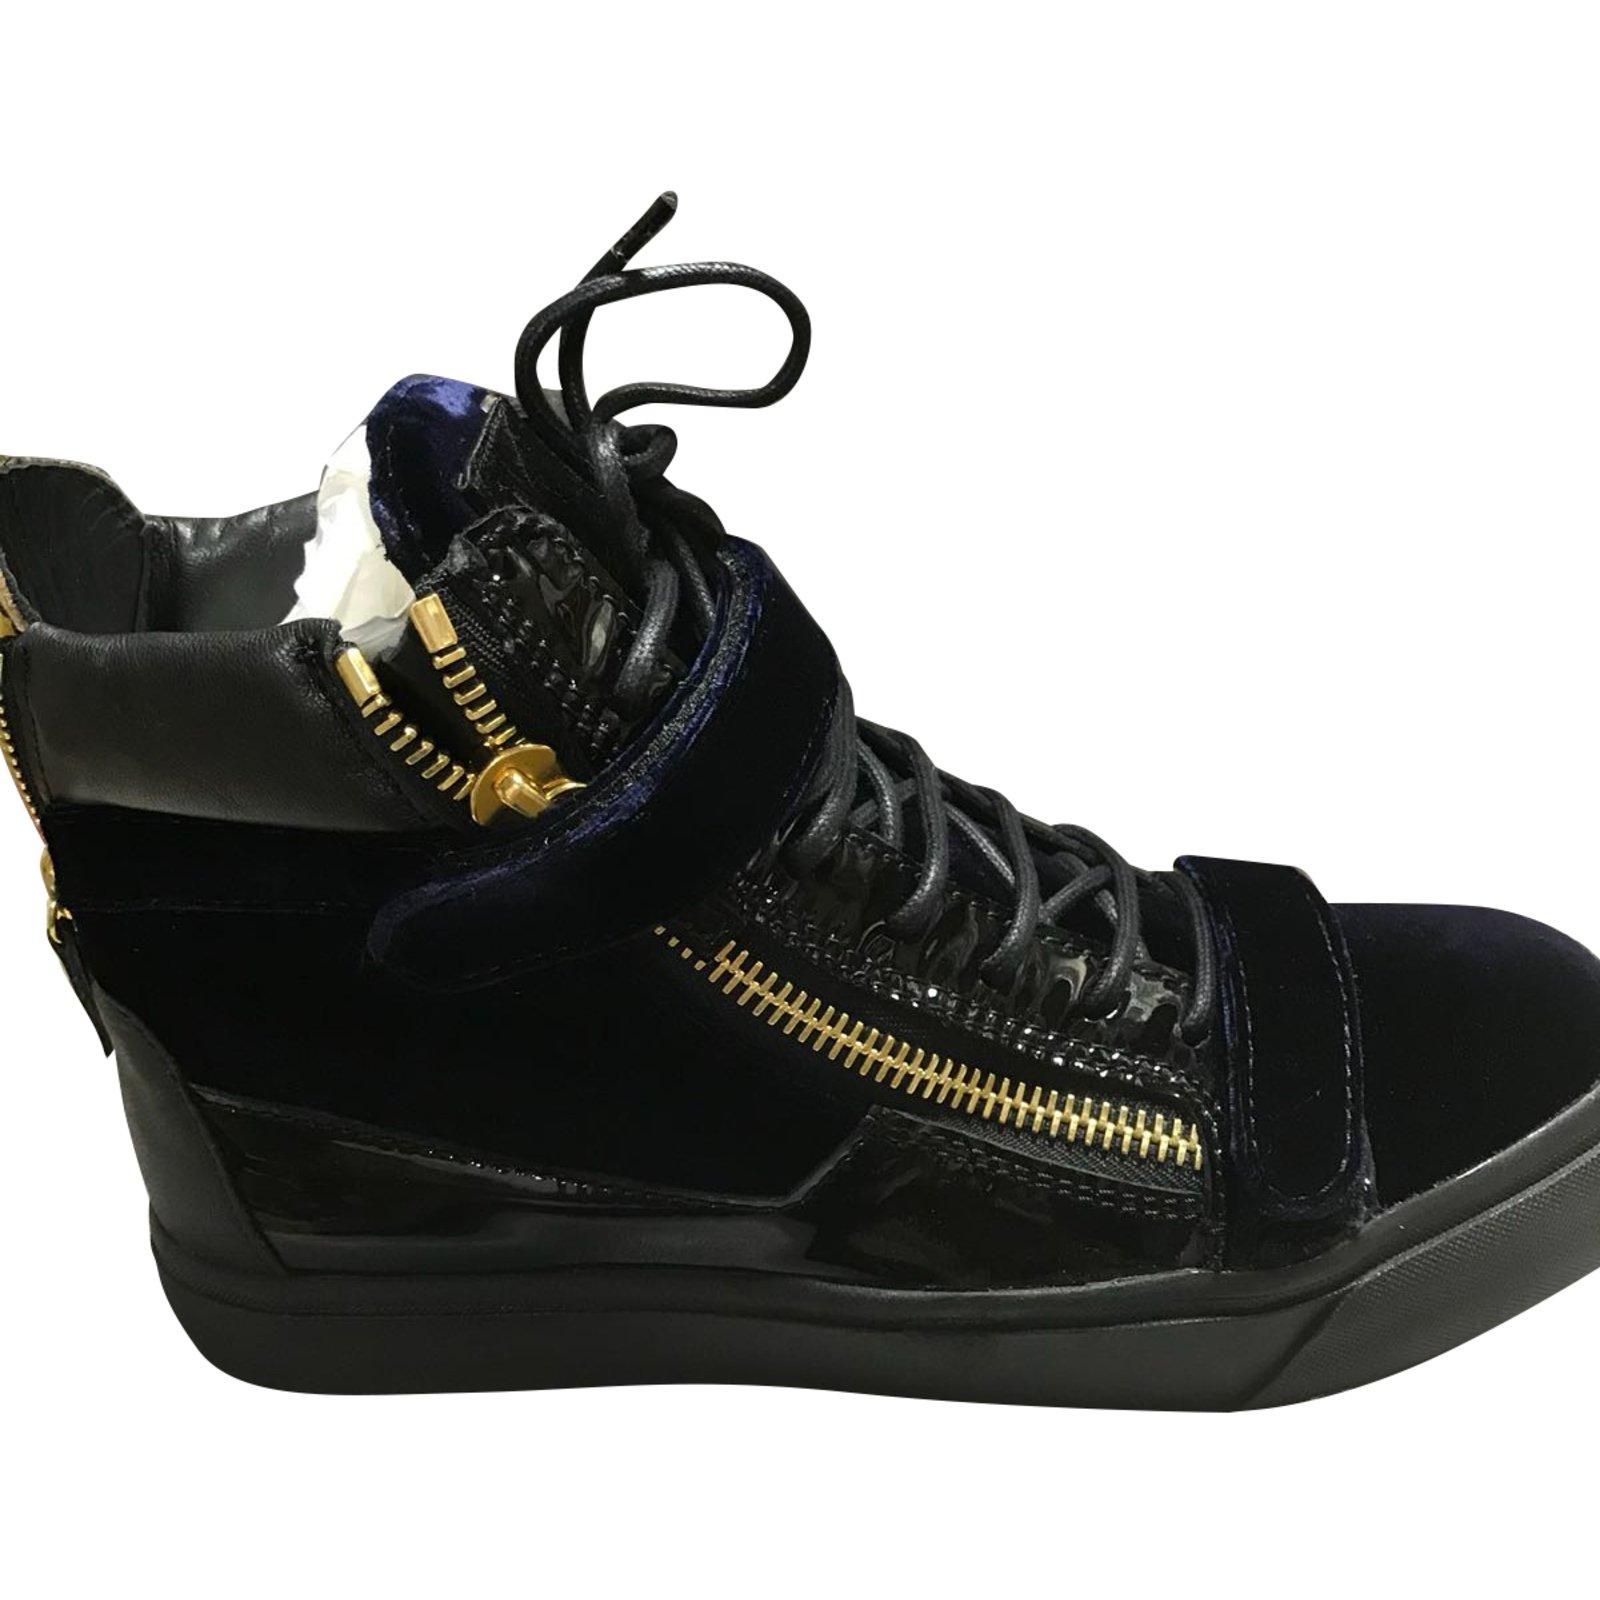 b496afb10aa0 Giuseppe Zanotti sneakers Sneakers Velvet Navy blue ref.72163 - Joli ...